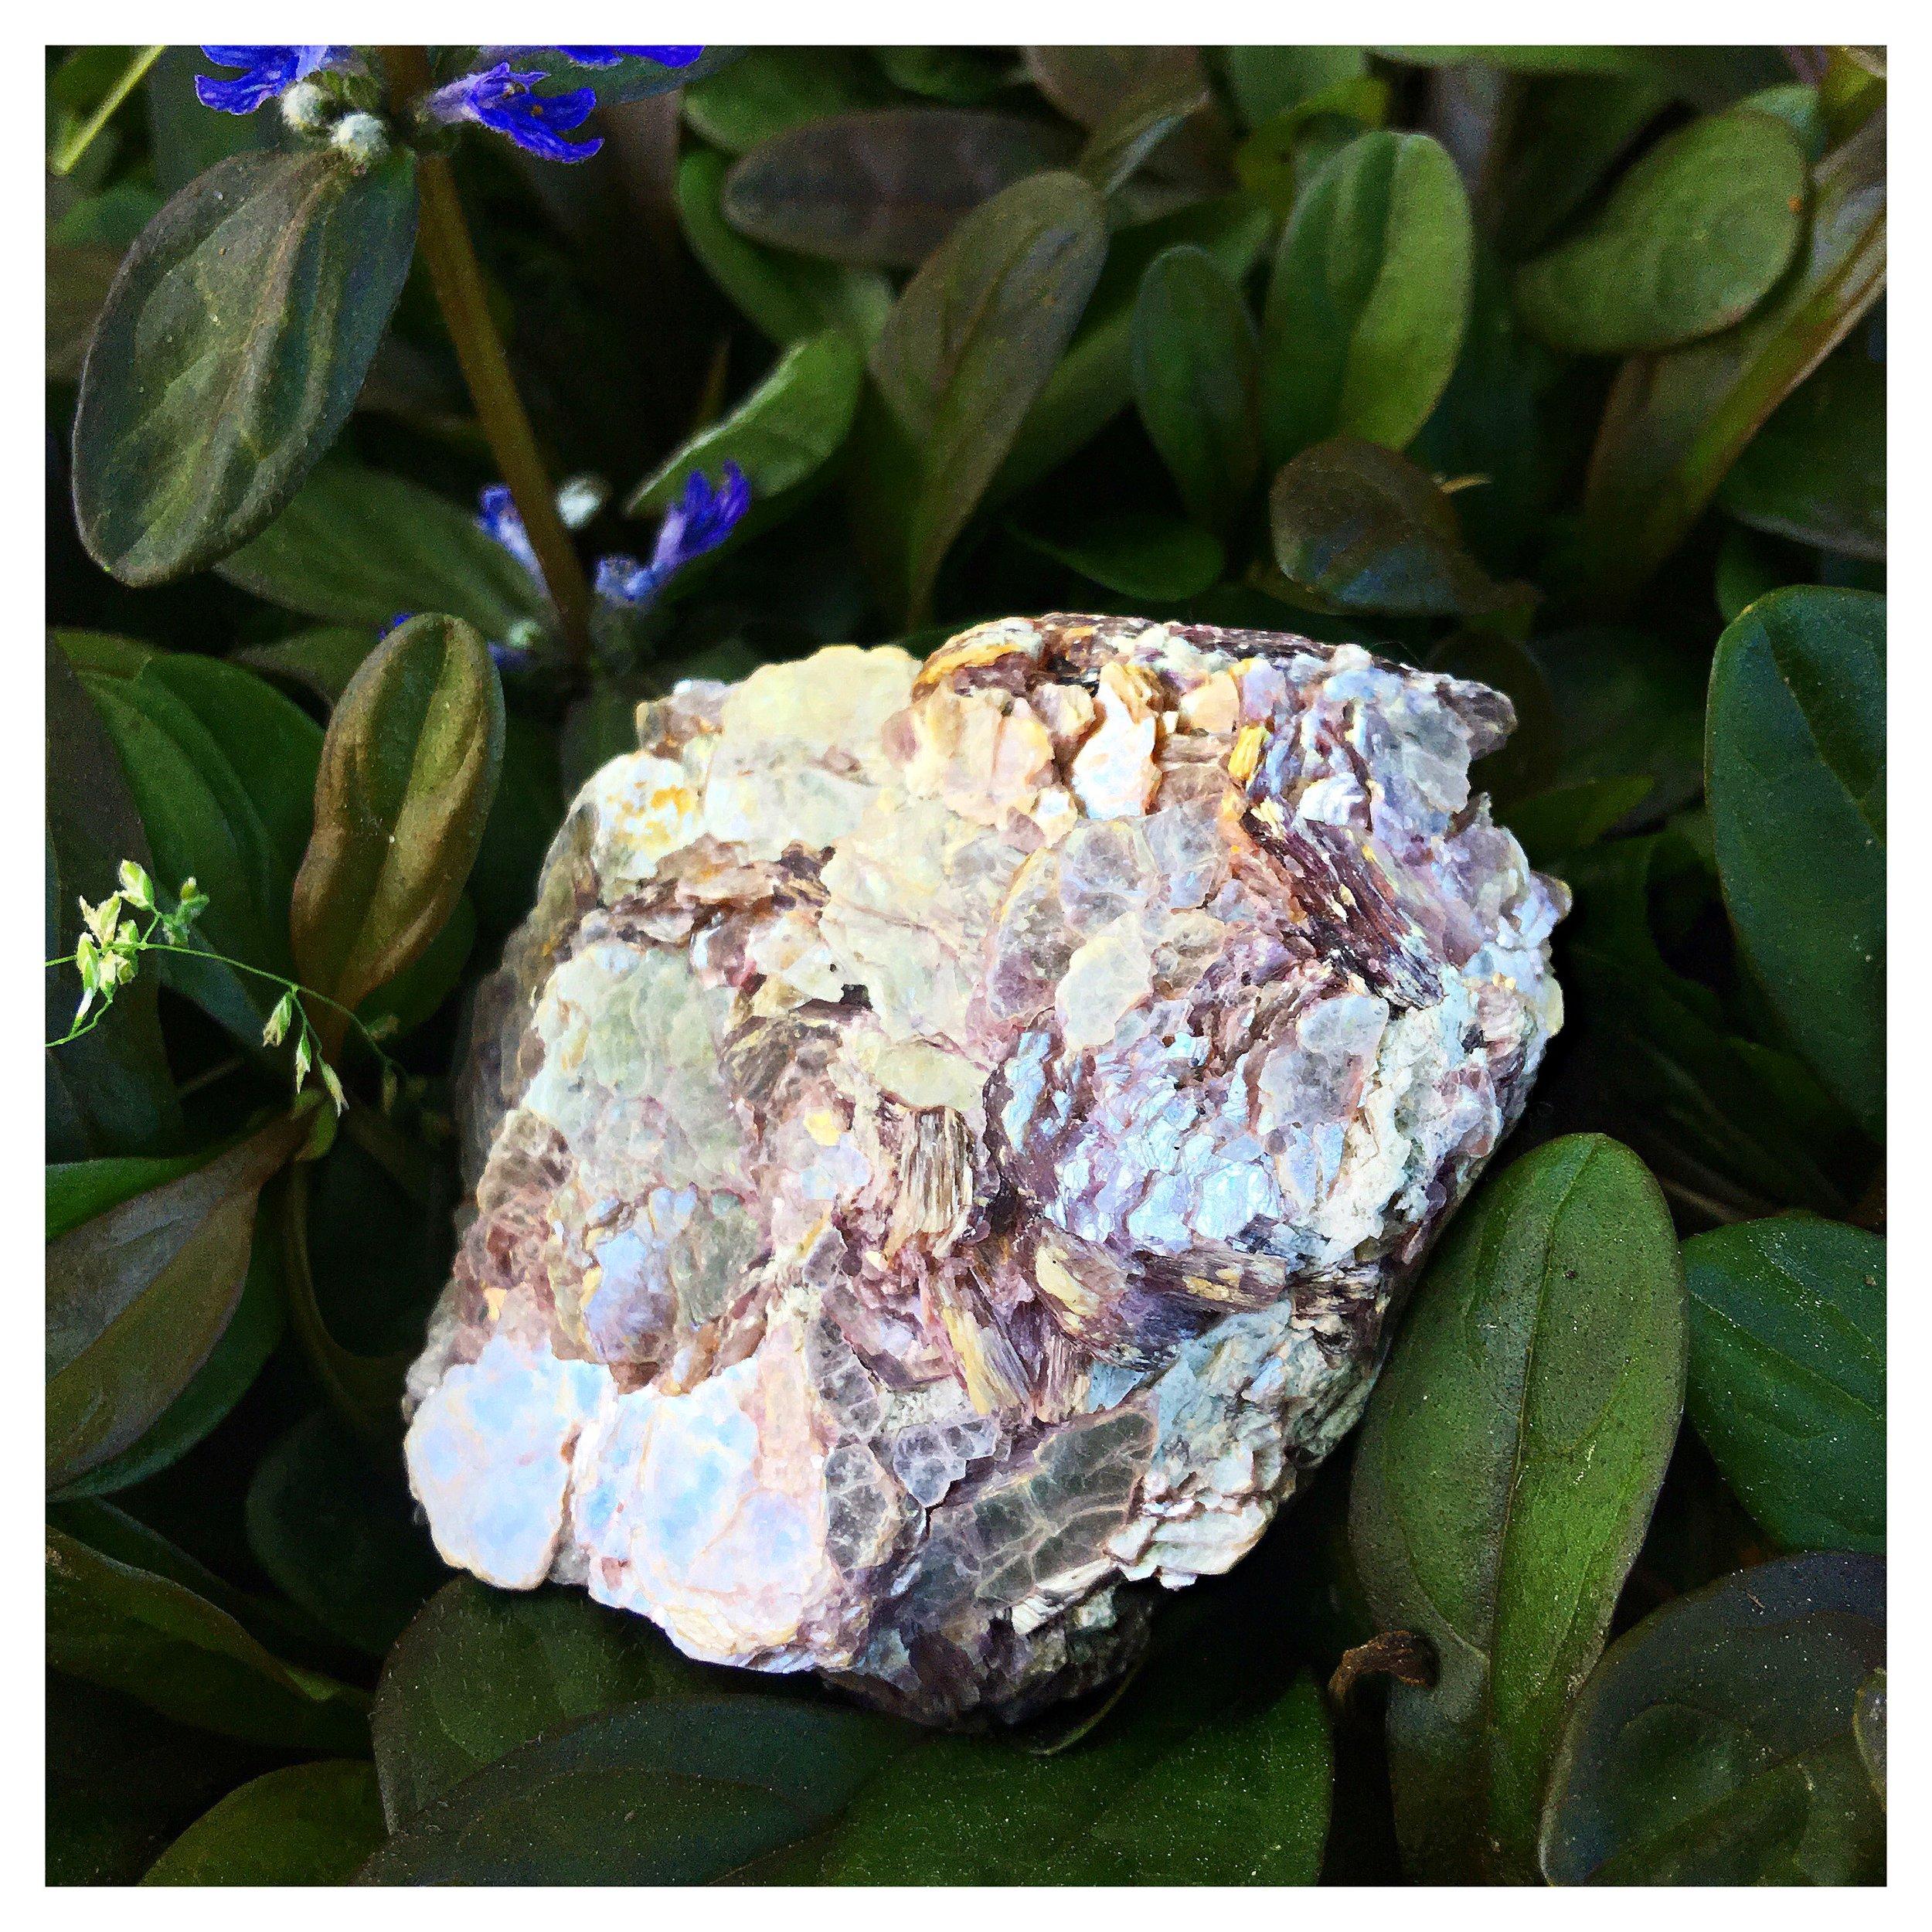 lepidolite / krista-mitchell.com